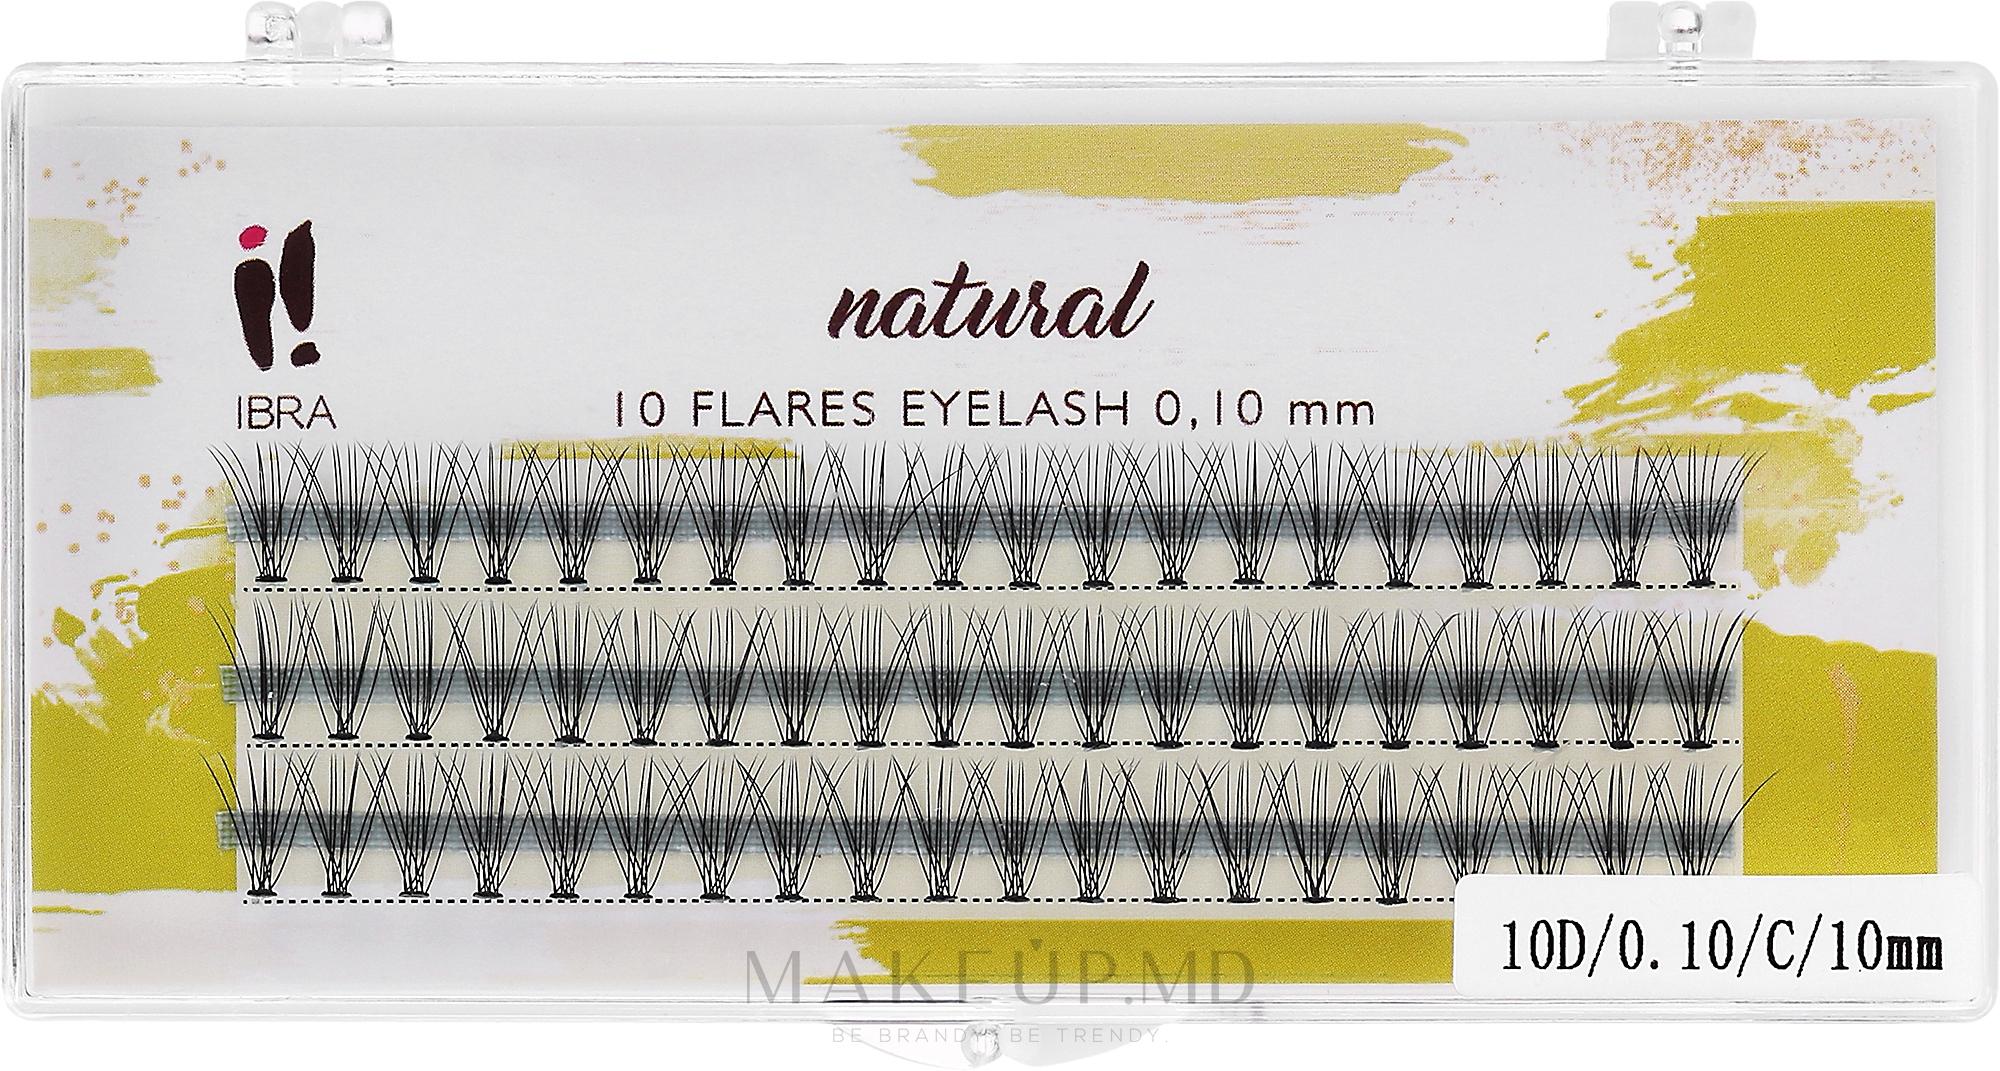 Gene false, 0.10/C/10 mm - Ibra 10 Flares Eyelash Knot Free Naturals — Imagine 60 buc